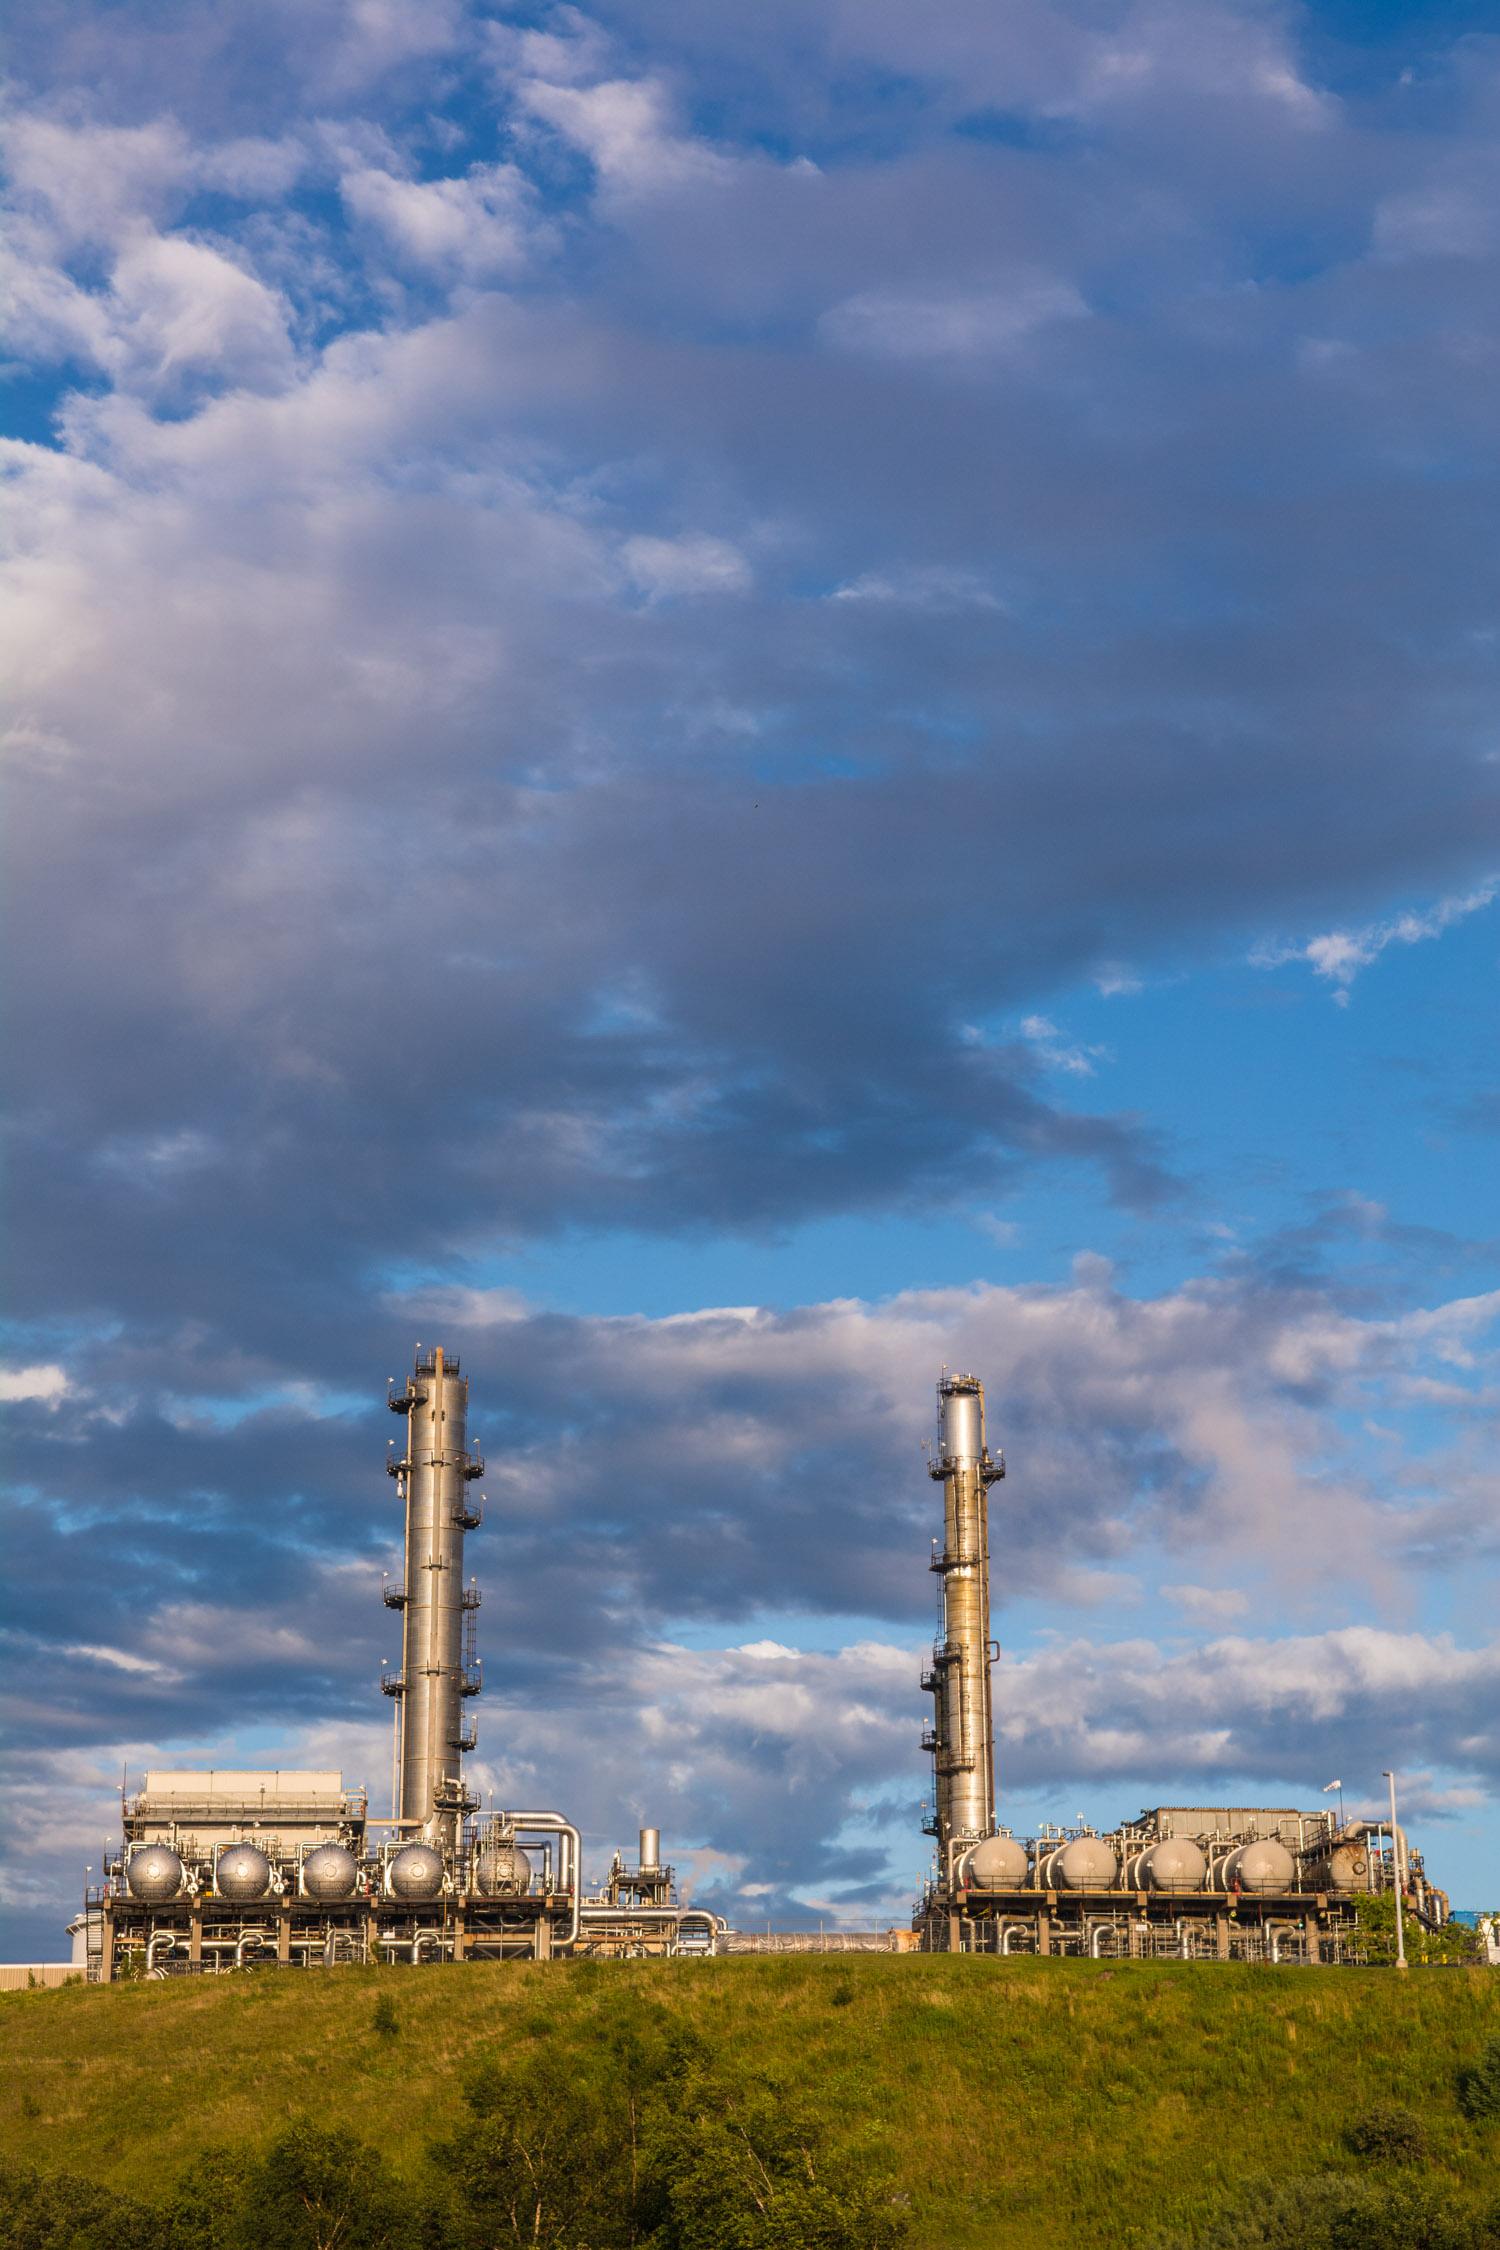 aug05 2014-Bloomberg News-Irving Oil refinery-Saint John NB-photo by Aaron McKenzie Fraser-www.amfraser.com-5177.jpg